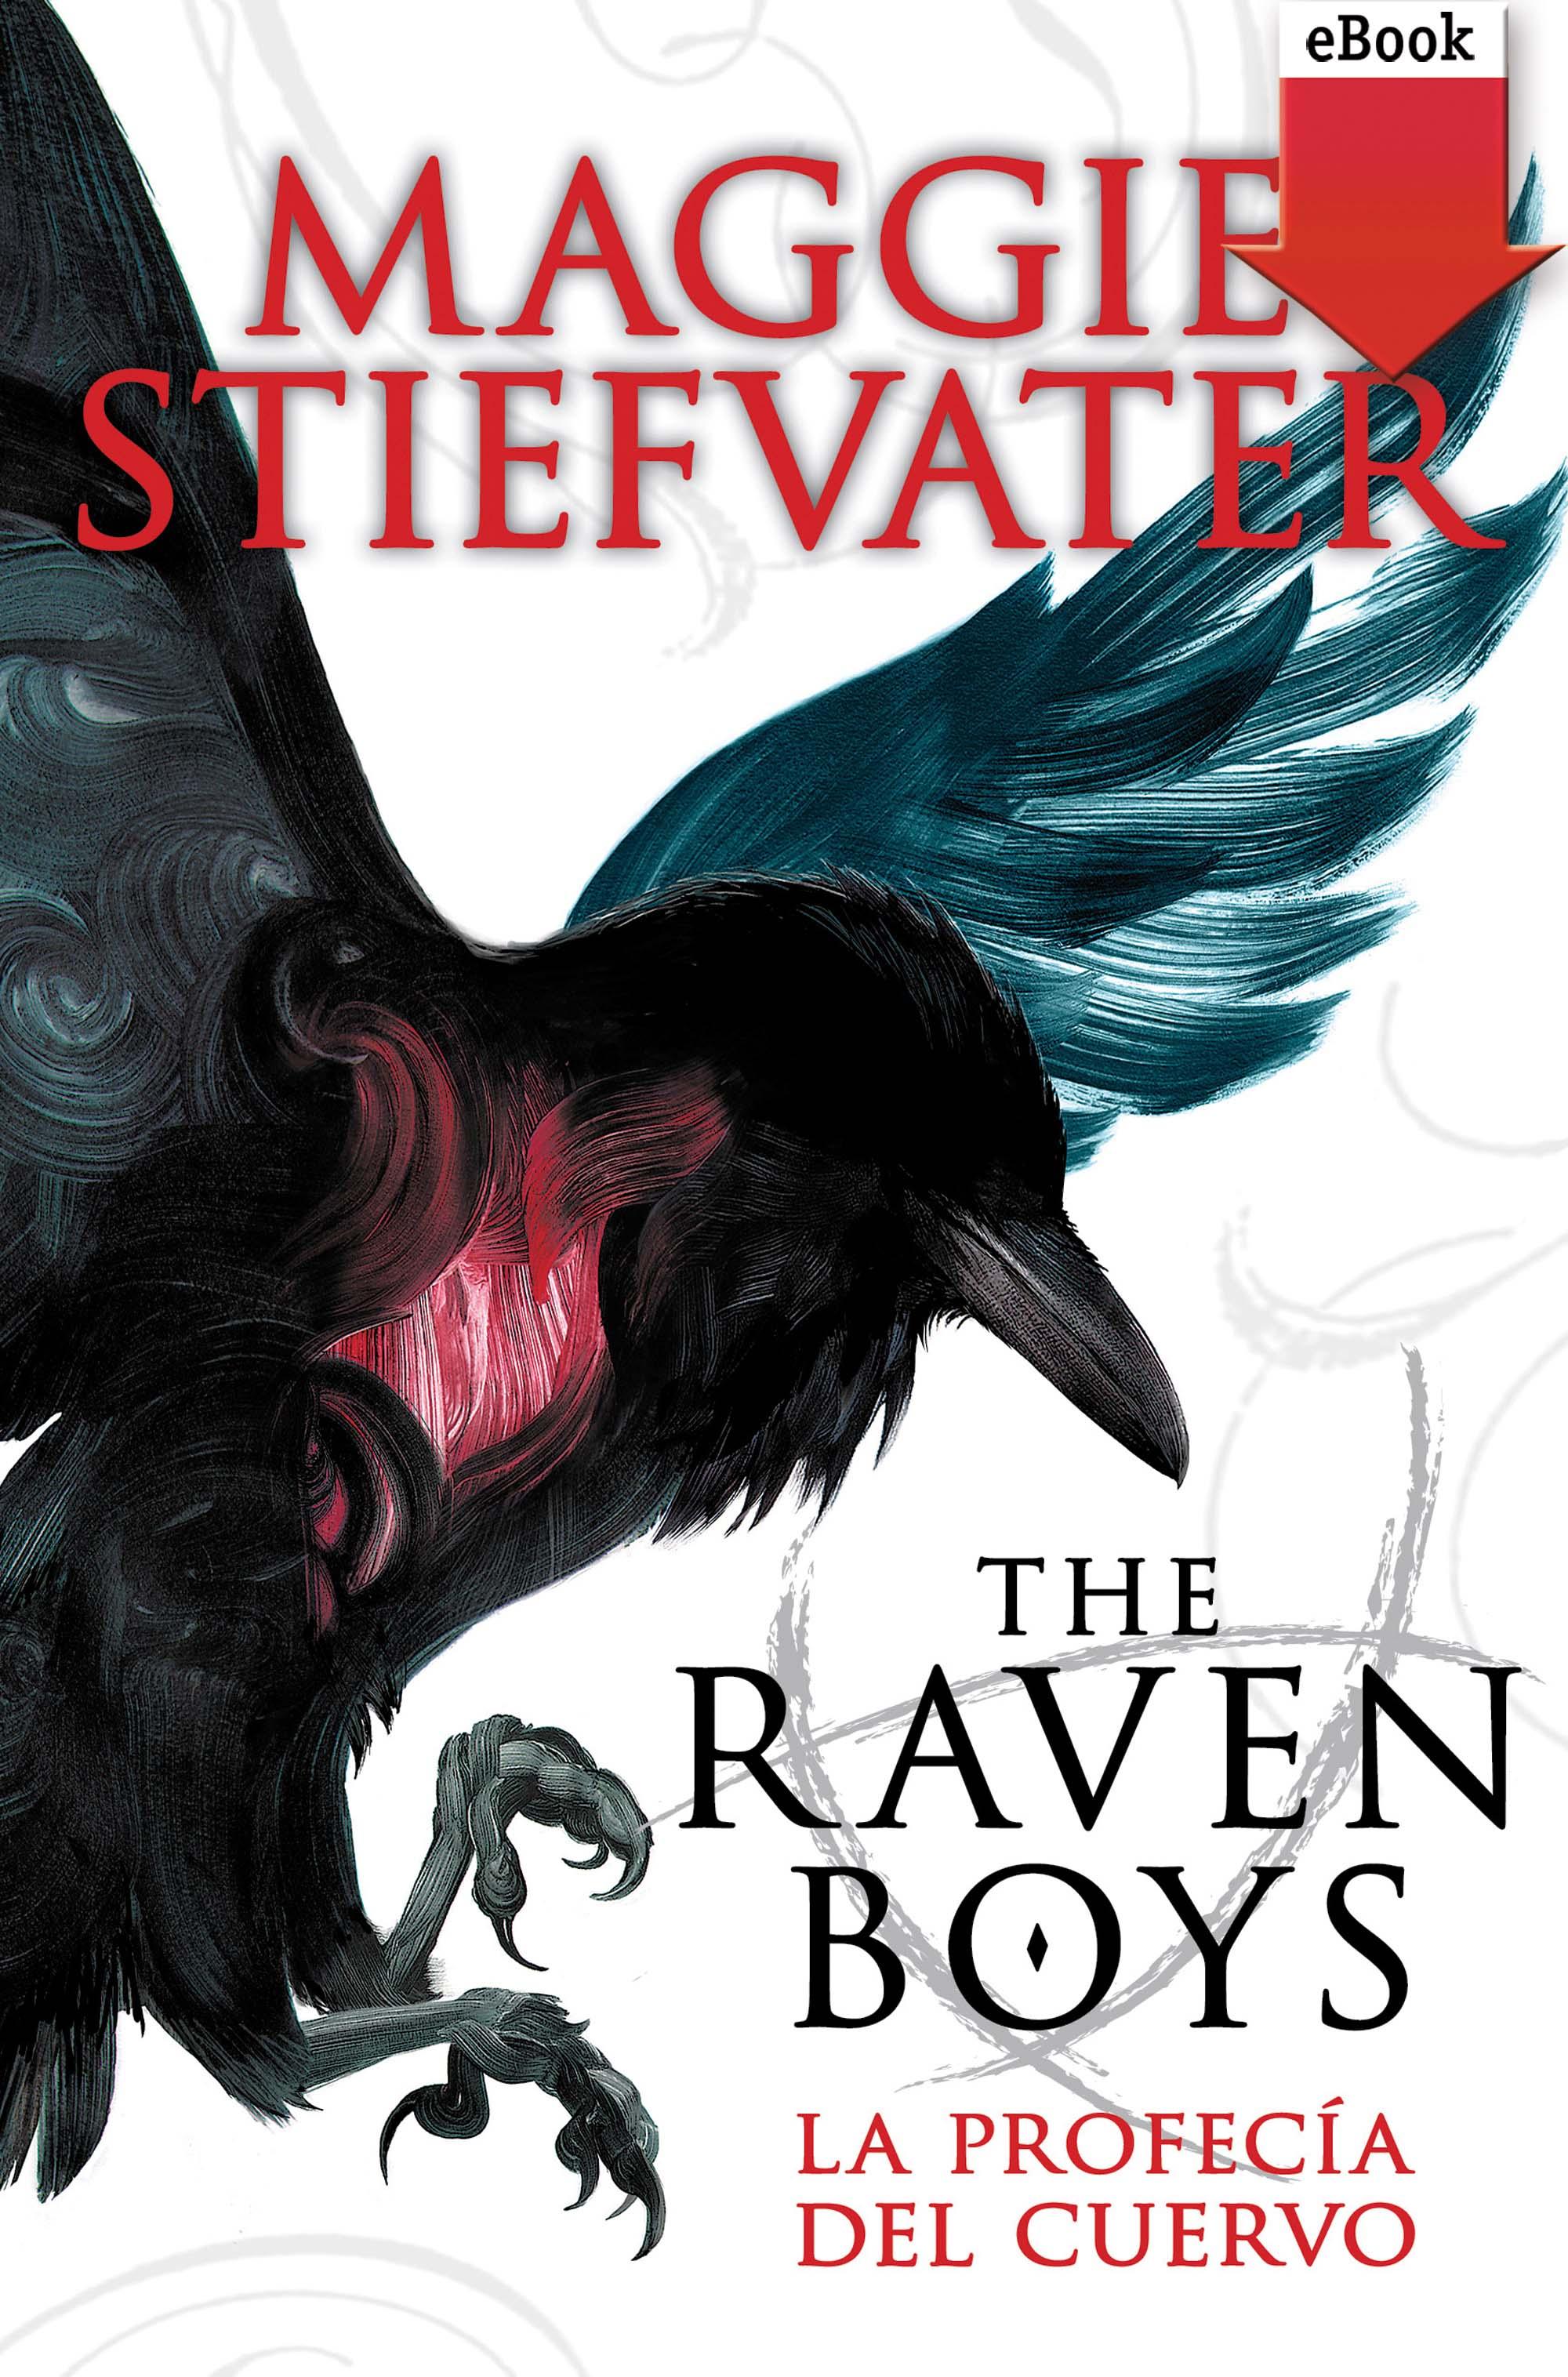 Maggie Stiefvater The raven boys: La profecía del cuervo cuervo y sobrinos historiador lady 3112 1ma l